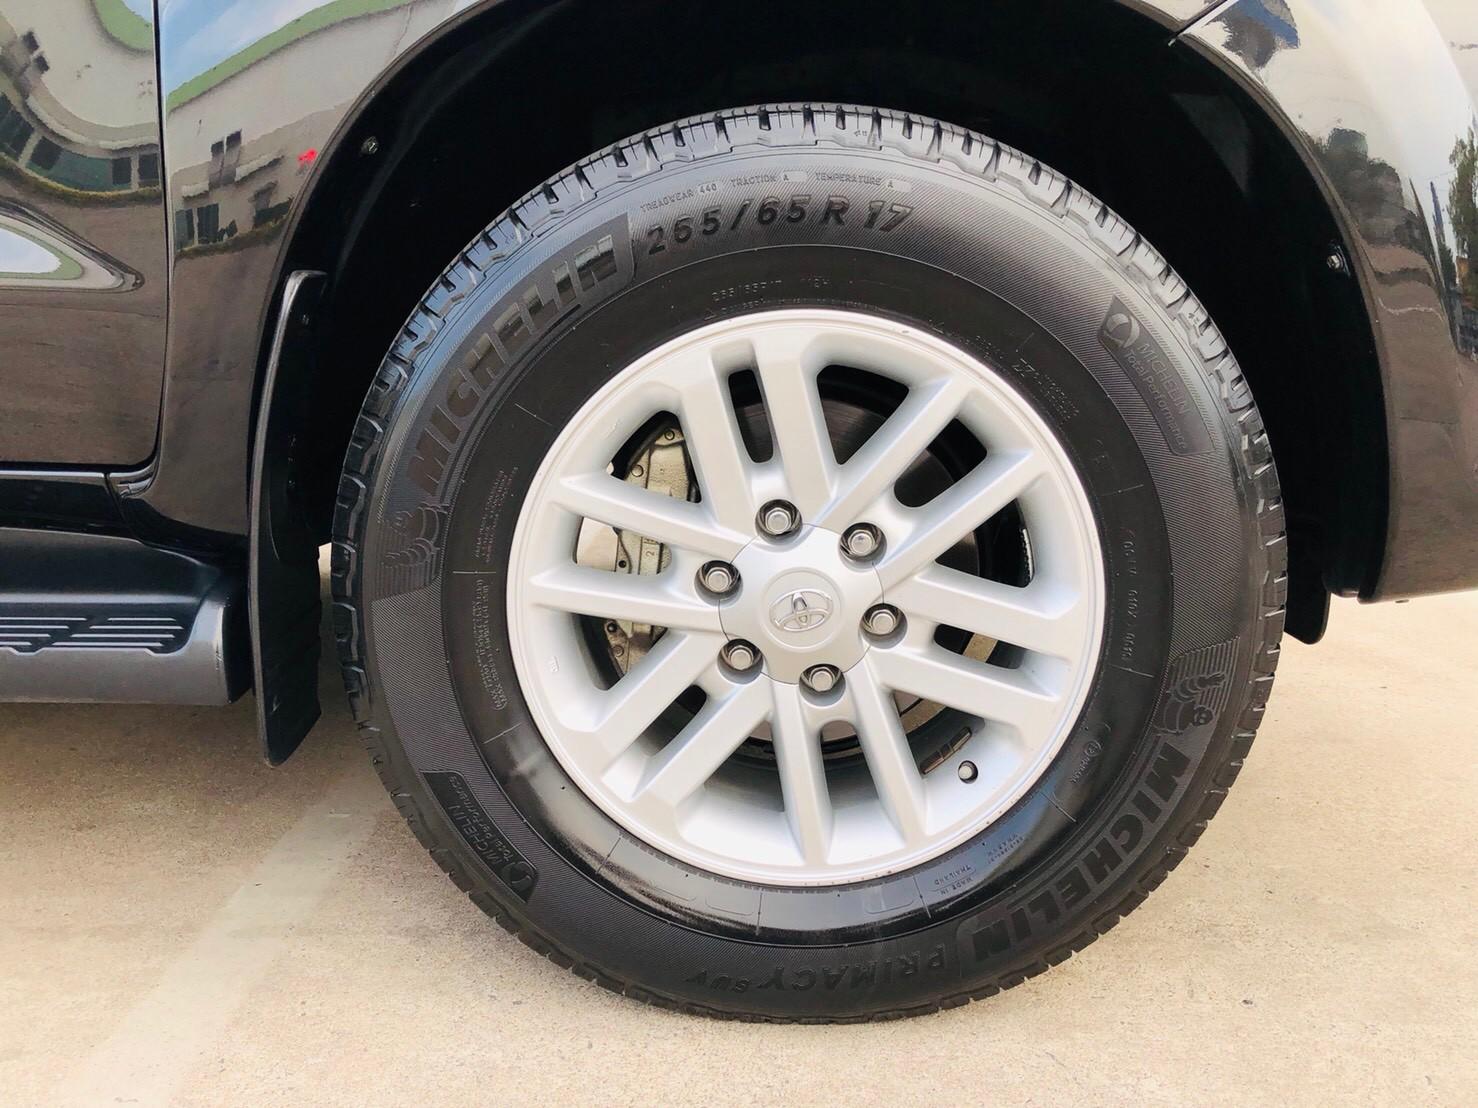 ภาพล้อ โตโยต้า ฟอร์จูนเนอร์ 3.0 V 2WD ปี 2013